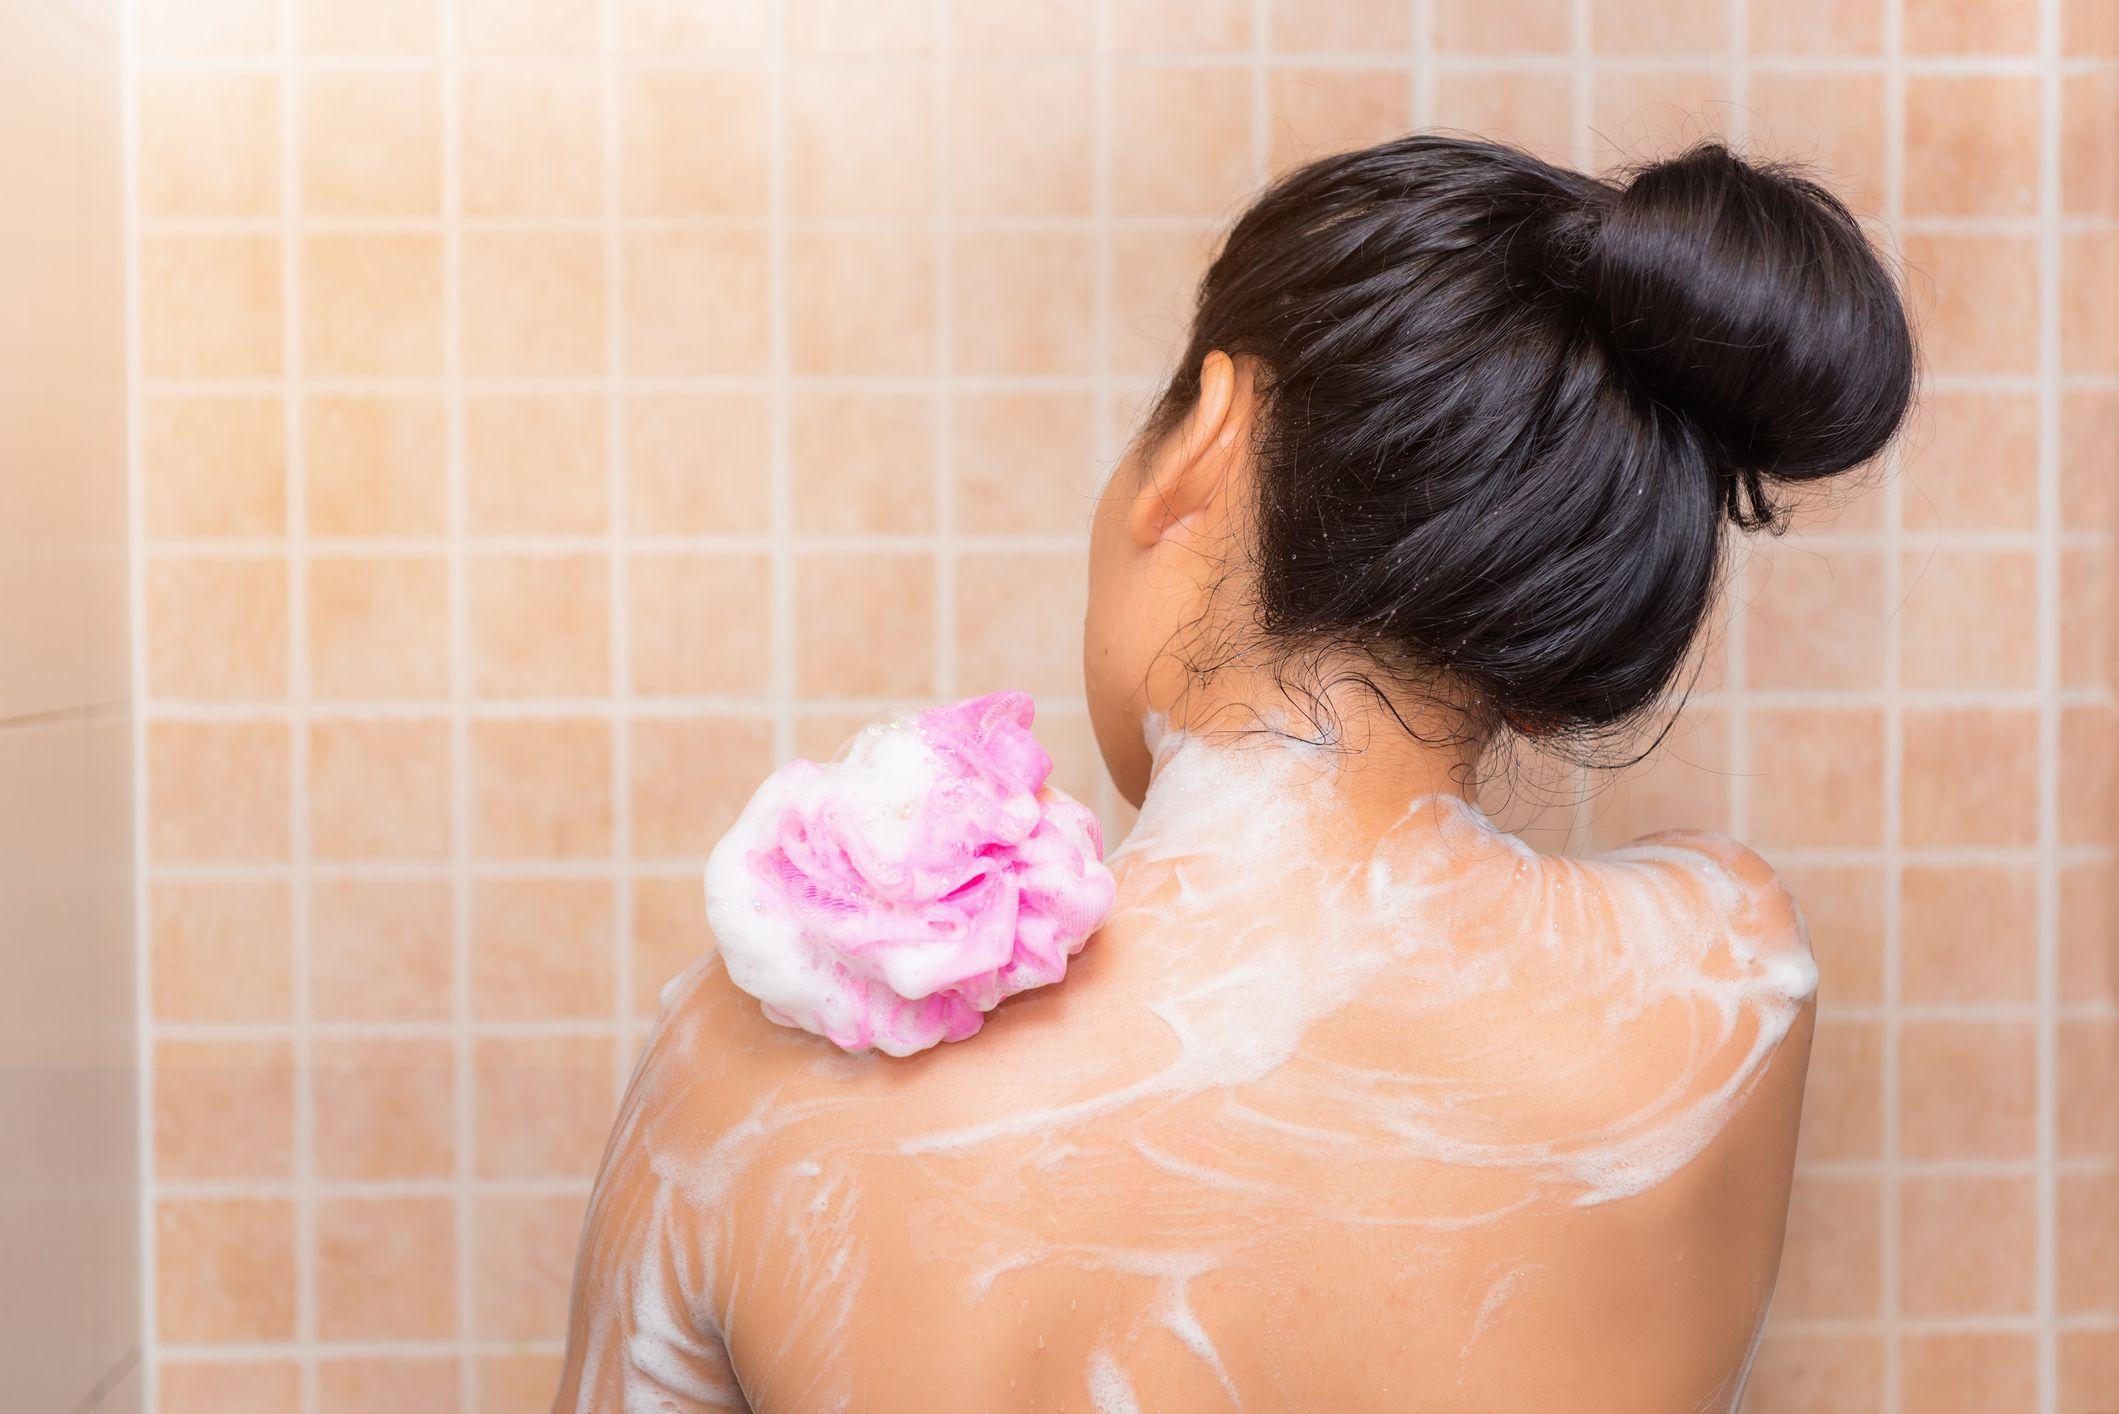 Moussel de Legrain en oferta para los fans de los geles de ducha con olor a limpio